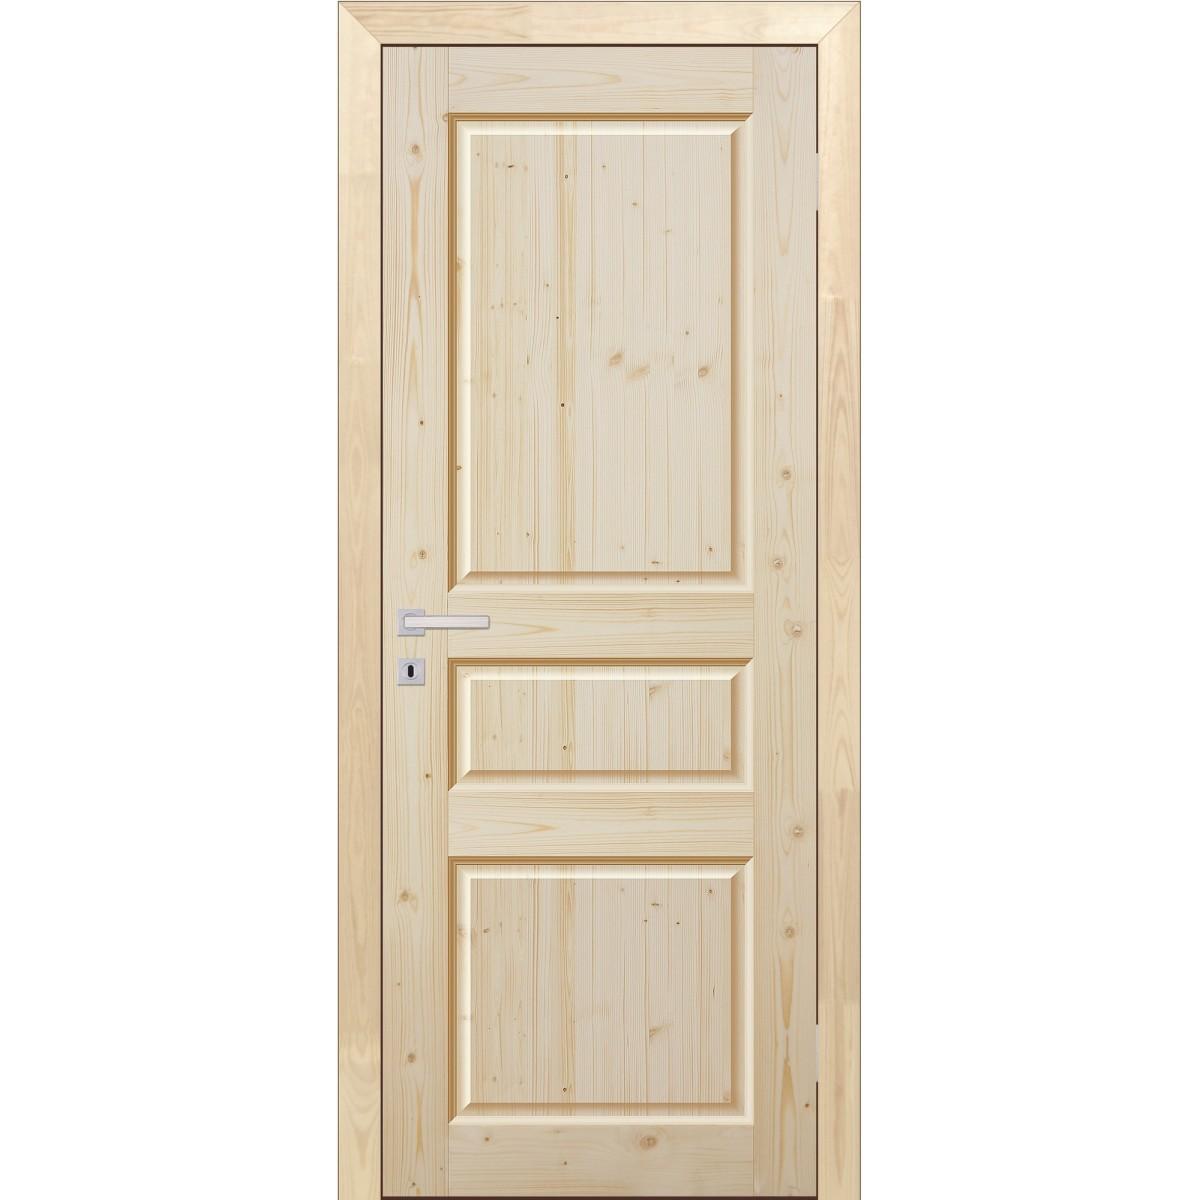 Дверь межкомнатная глухая 80x200 см трехфиленчатый массив хвои цвет натуральный